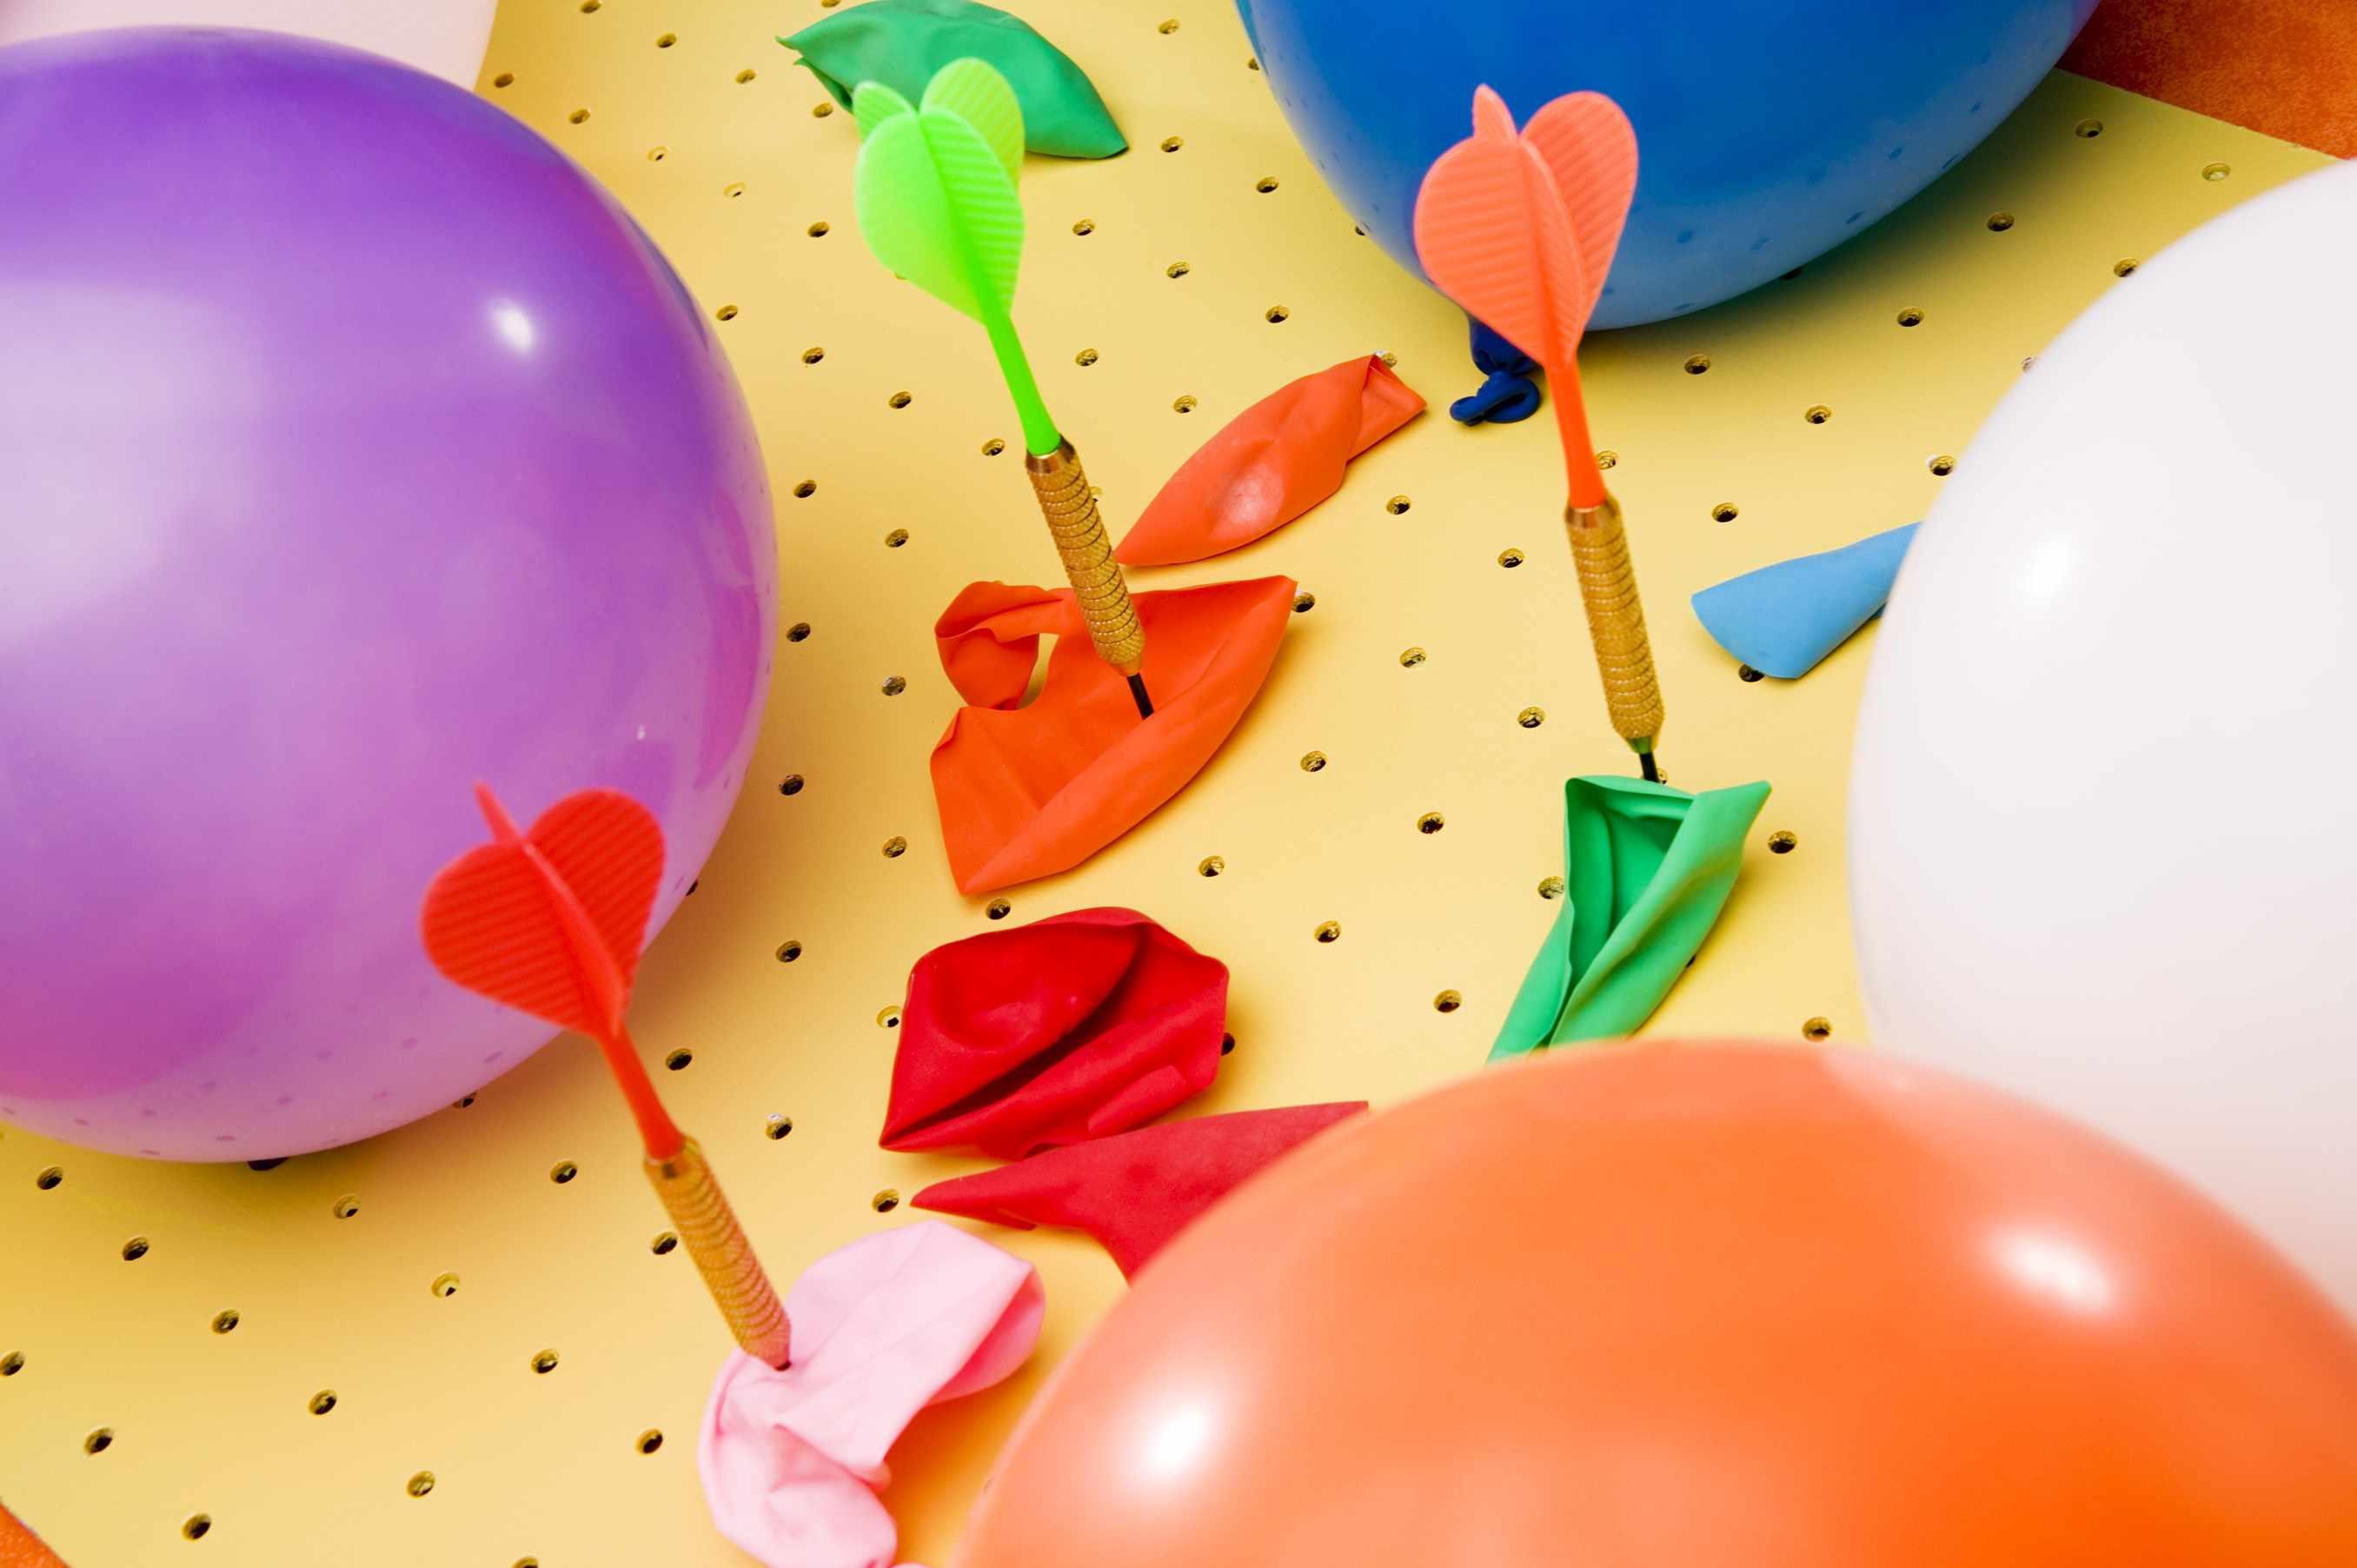 Balloons and darts